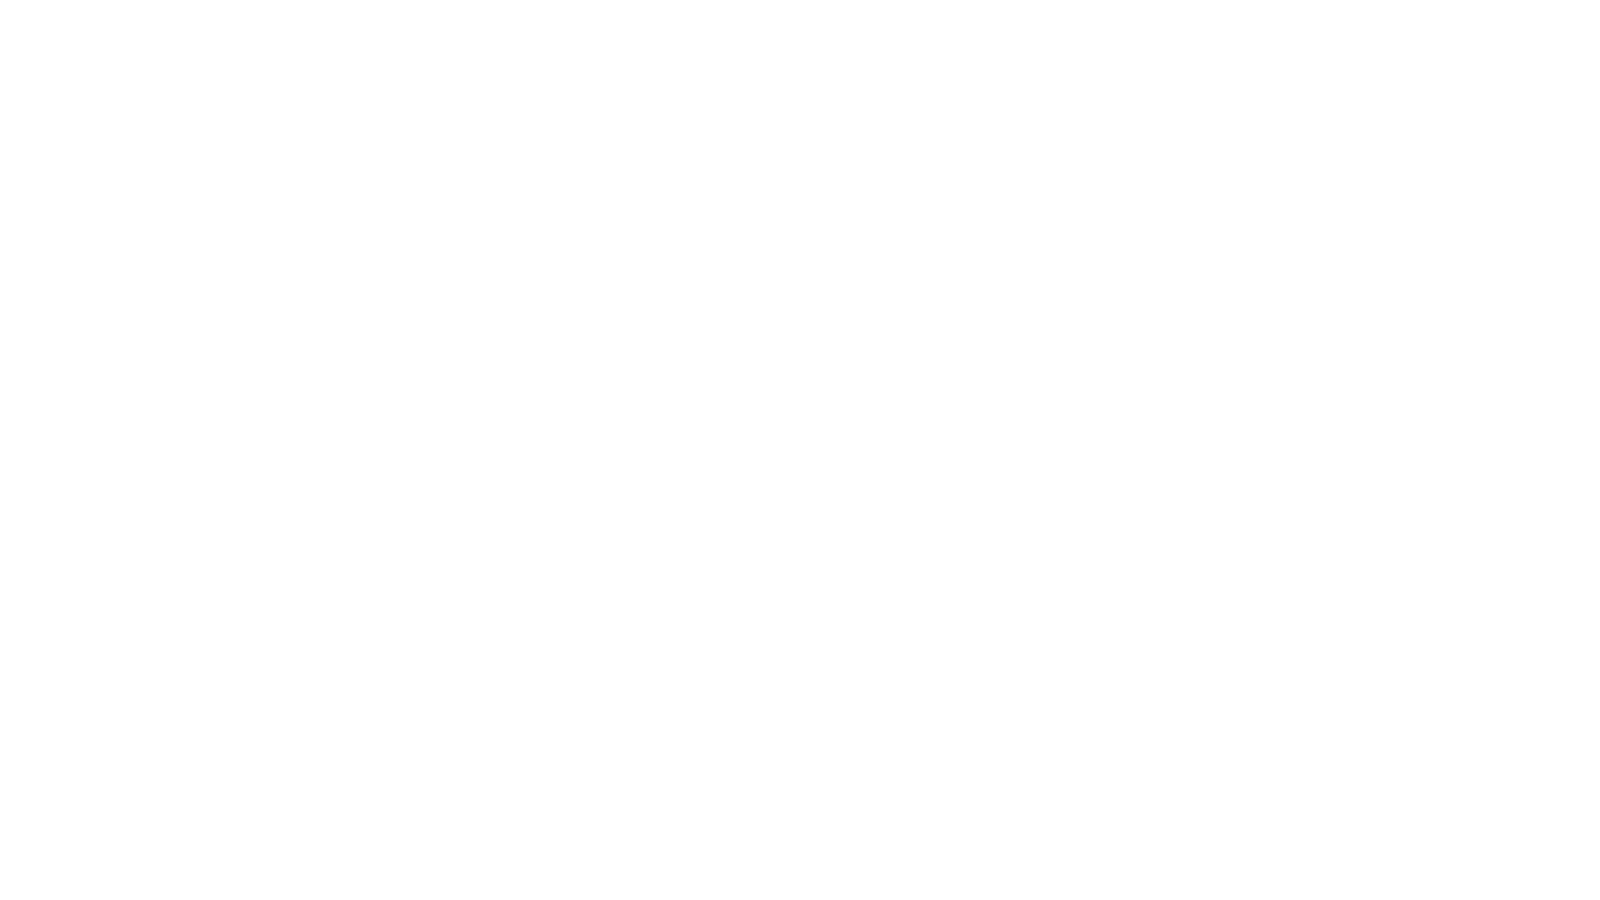 """Le thème du soir : """"Se faciliter la vie""""   Crédit musique : --------------------------------------------------------------------- Musique proposée par La Musique Libre Ehrling - Best friend : https://youtu.be/TlAapVSGEwo Ehrling : https://soundcloud.com/ehrling ---------------------------------------------------------------------"""